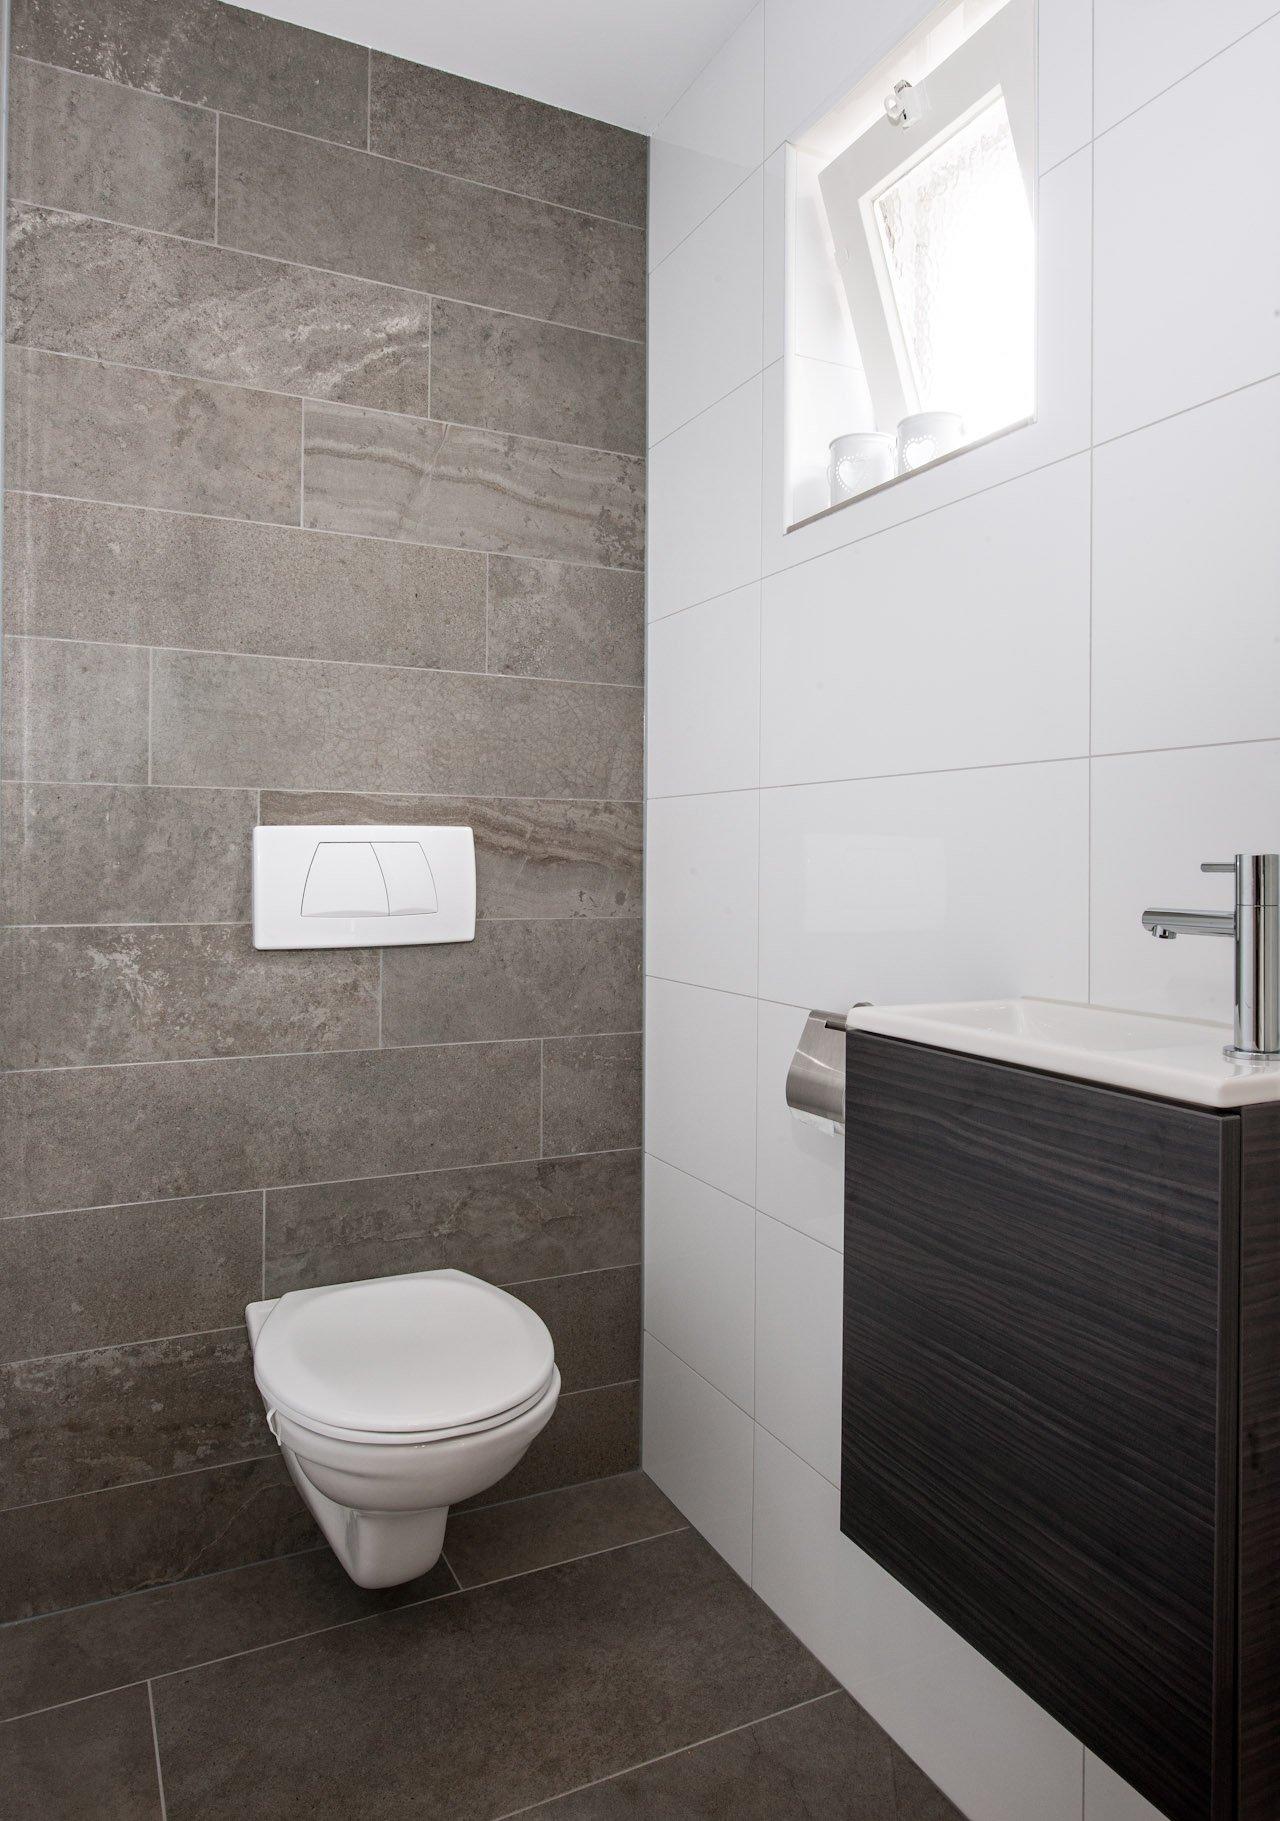 Leisteen Vloer Badkamer ~ Grote tegels in hal en badkamer  KROON Vloeren in Steen